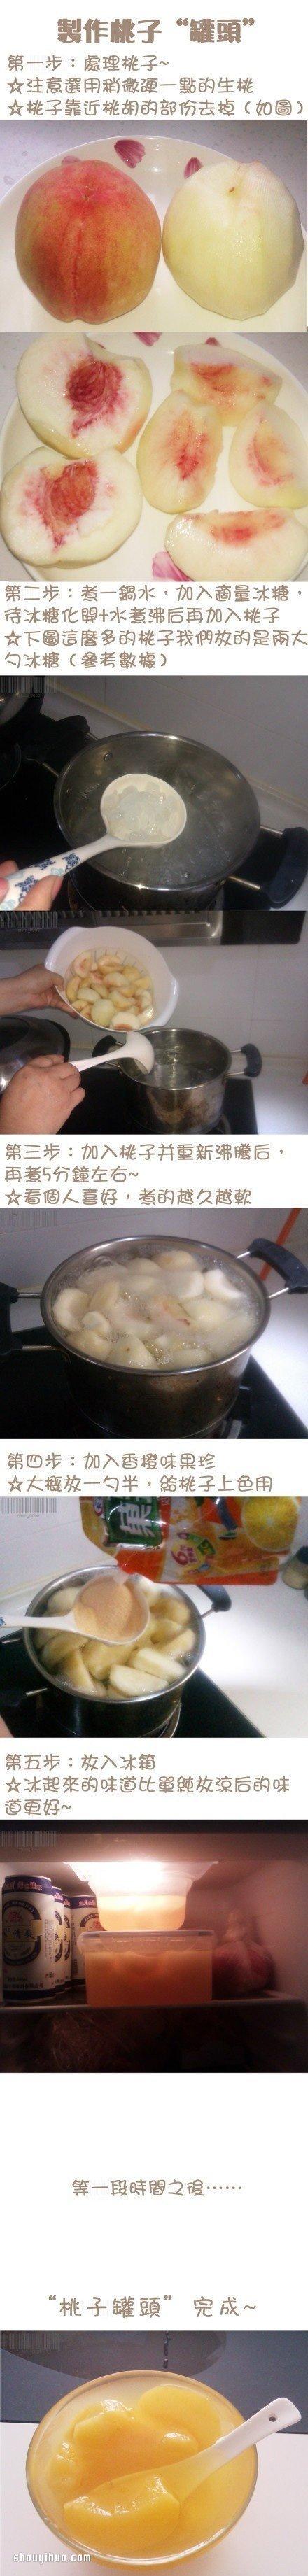 自制桃罐头的详细做法 家庭桃罐头制作方法